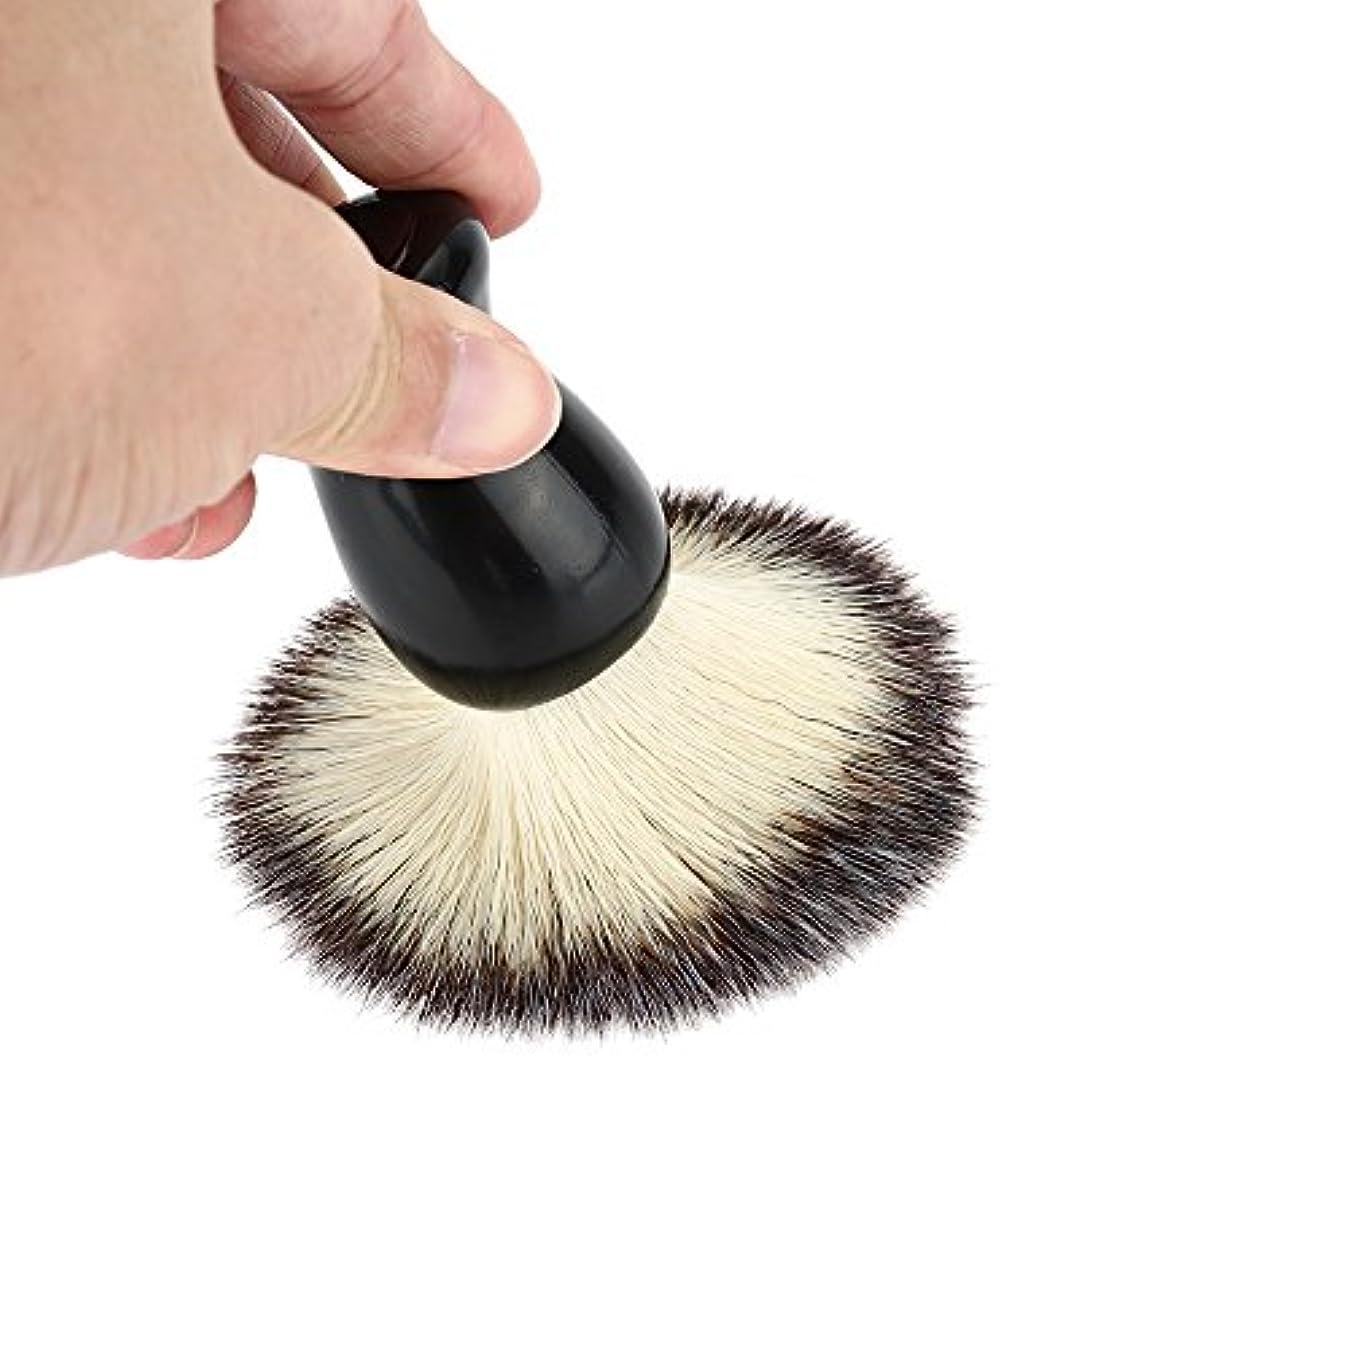 悪い浸透する主流Rakuby シェービングブラシ 髭剃りブラシ シェービングブラシ 男洗顔ブラシ工具 ハンドル 男性用 クリーニング器具